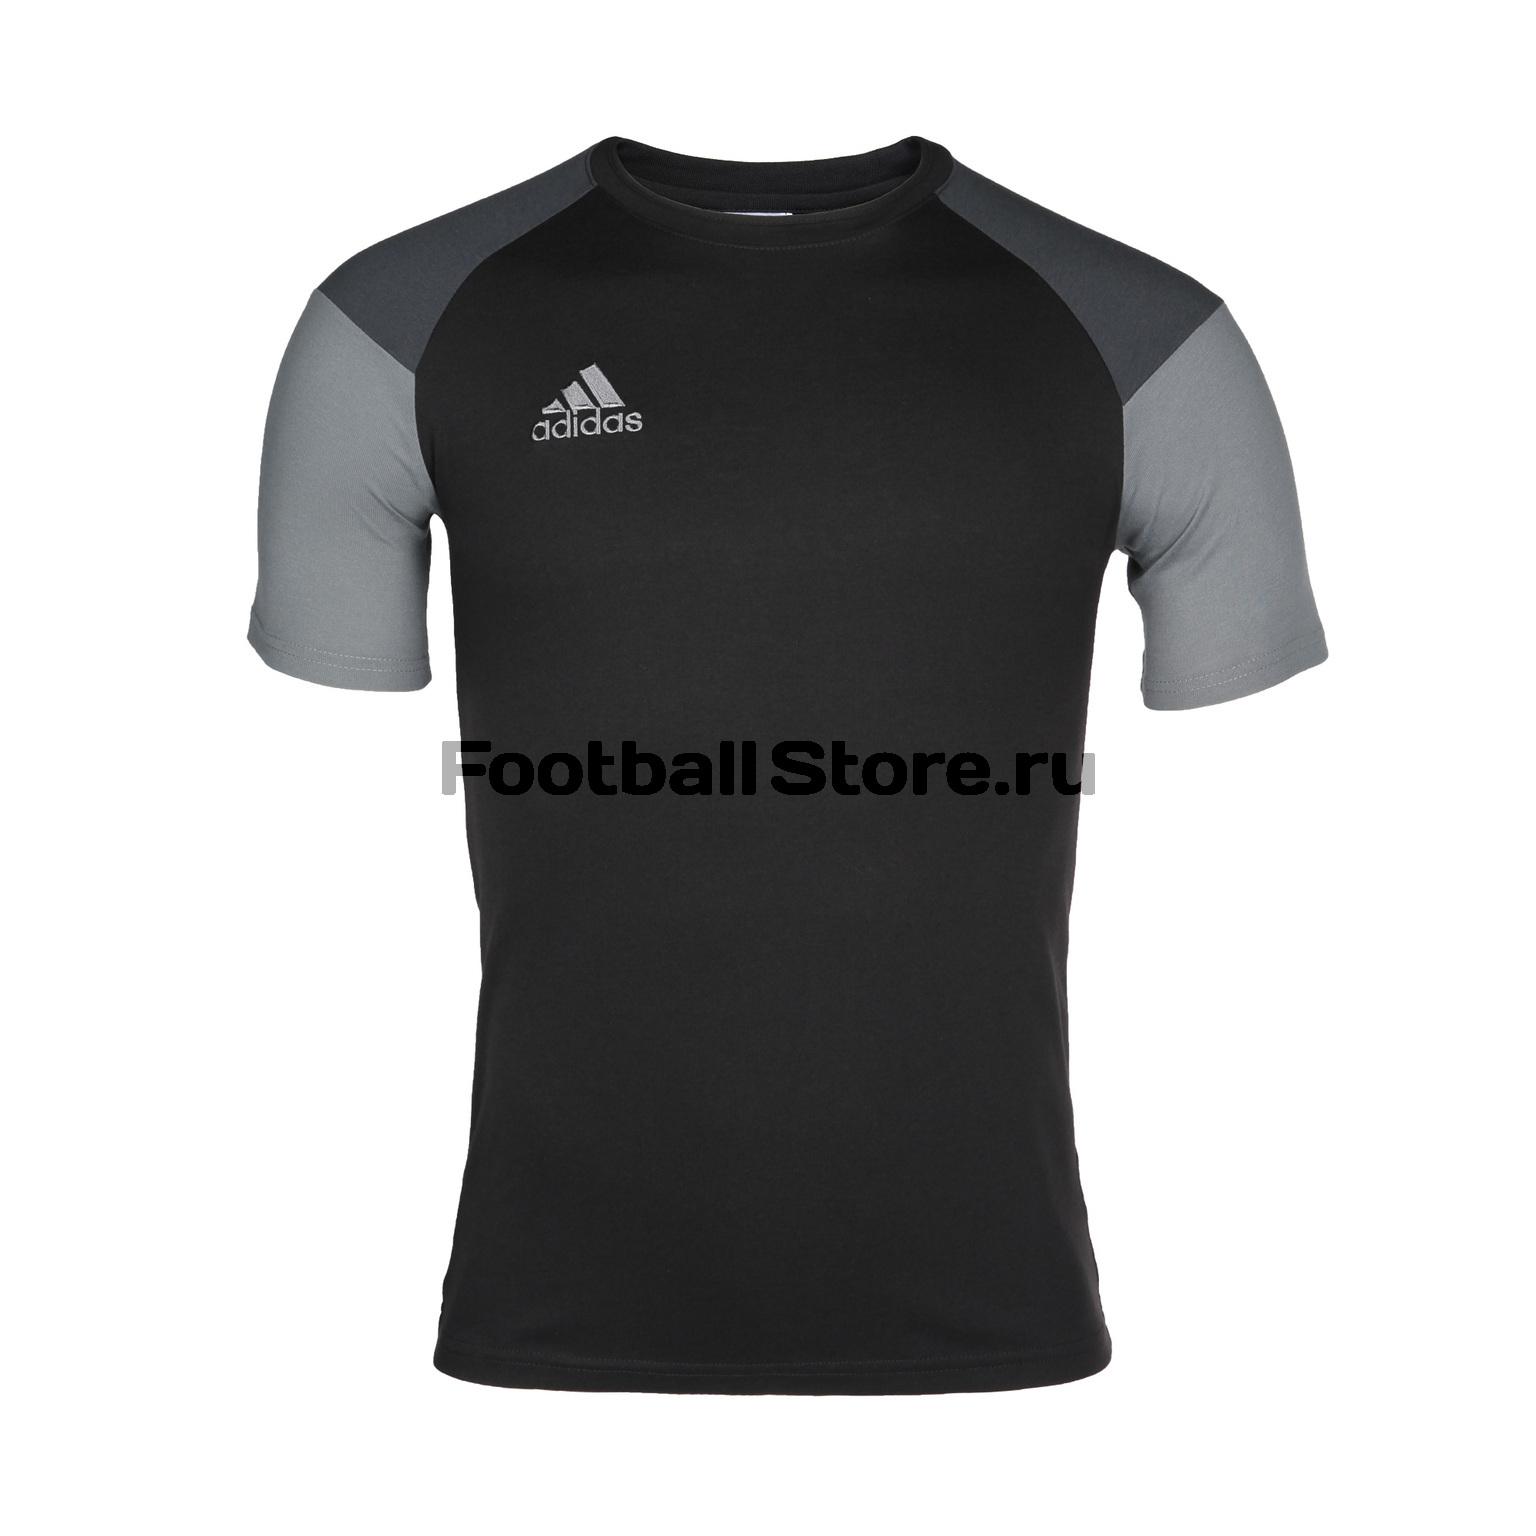 цена на Футболки Adidas Футболка Adidas Con16 Tee AN9881